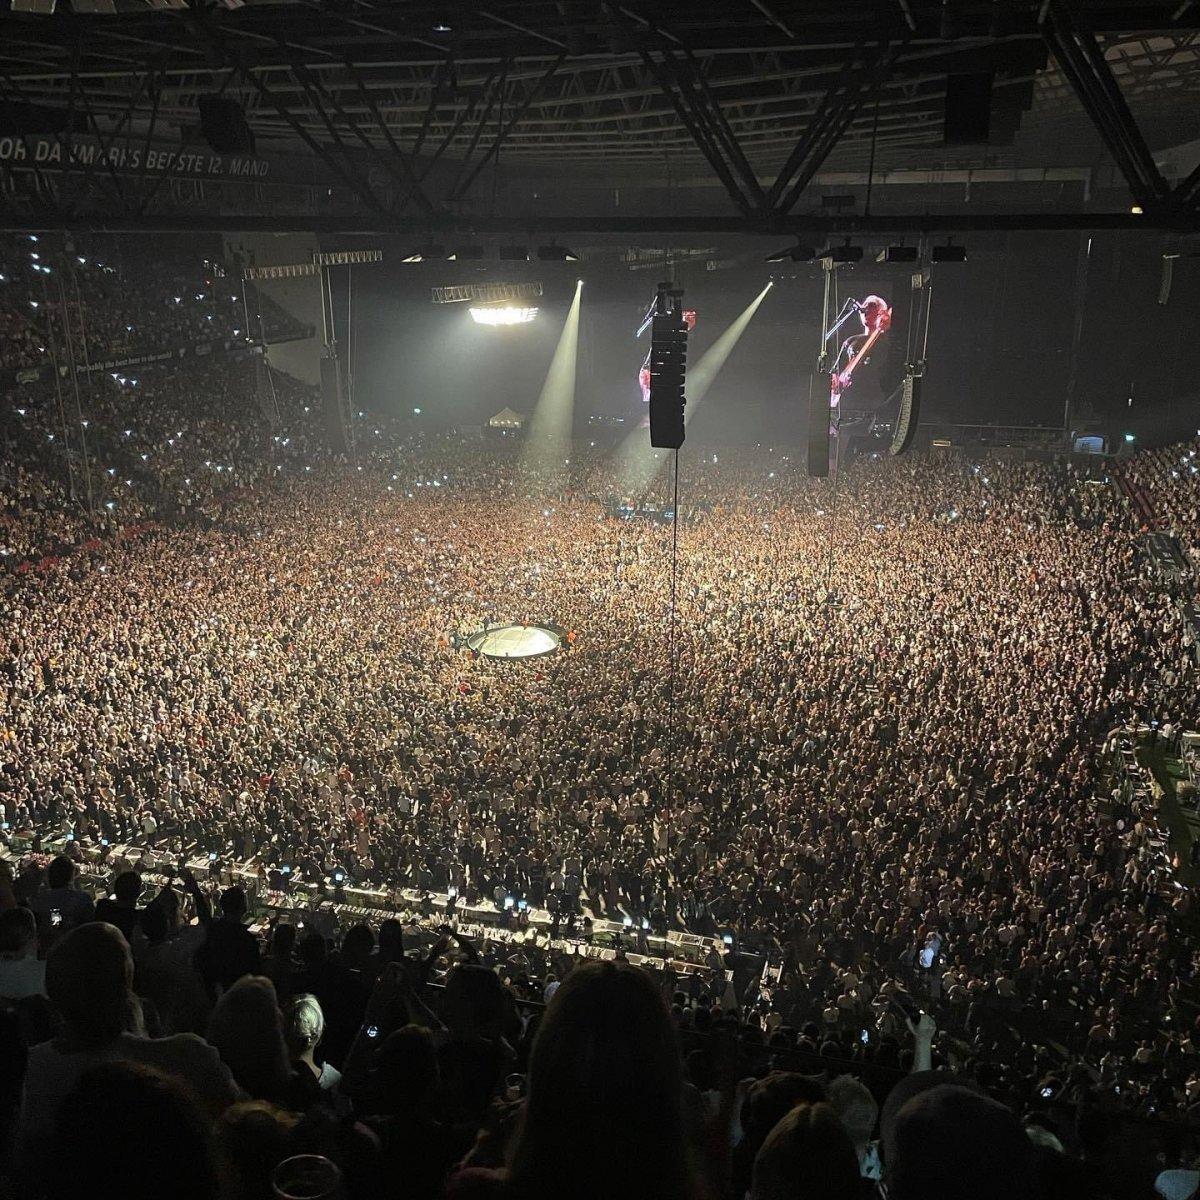 Danimarka daki stadyumda 50 bin kişilik konser #1